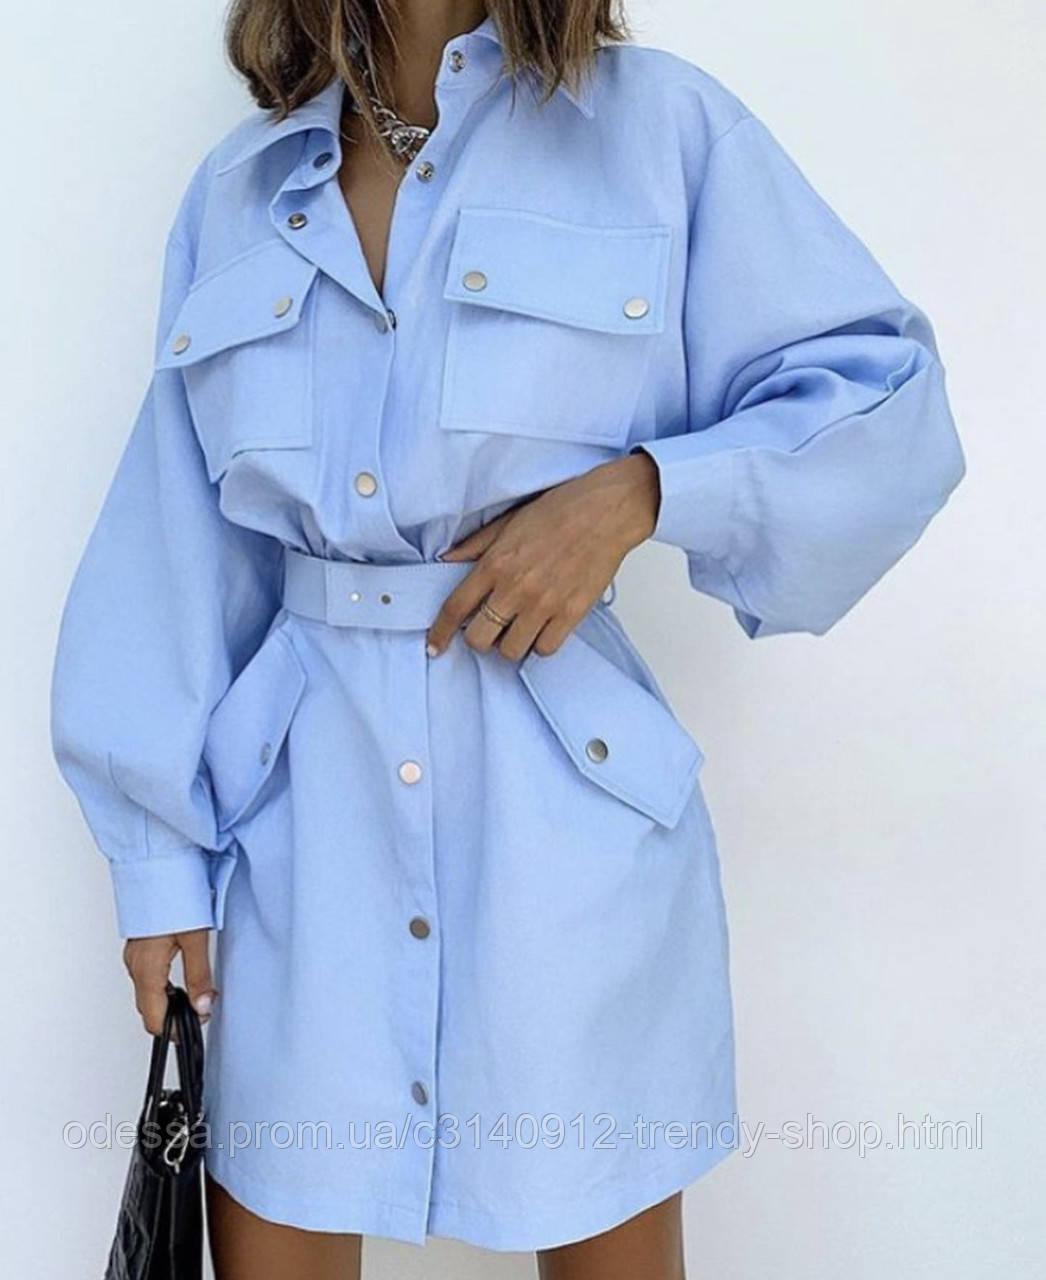 Платье рубашка женское стильное голубое, бежевое, белое 42-44, 46-48